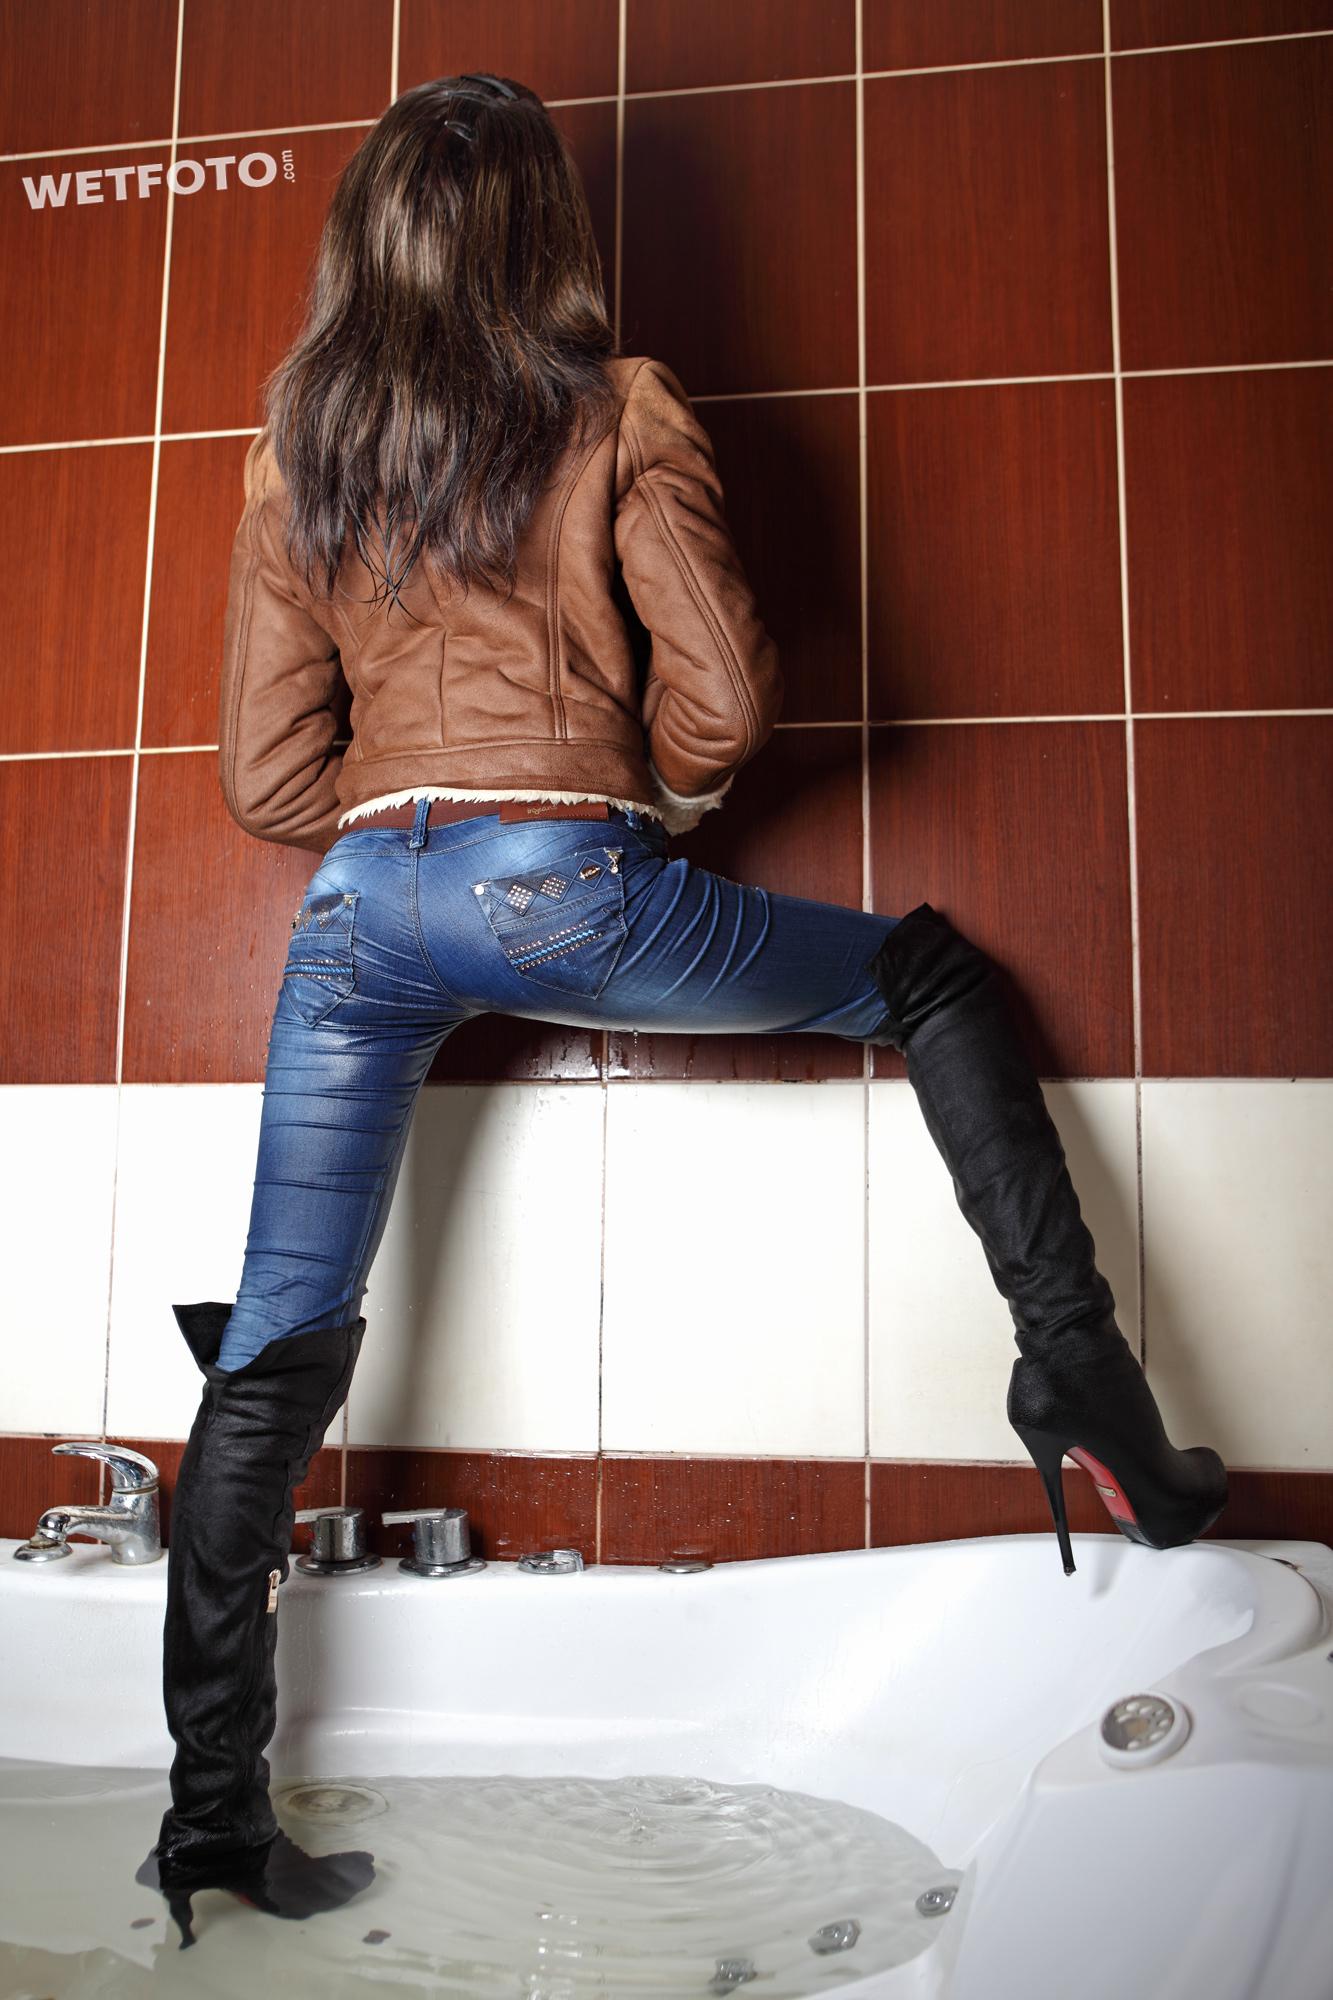 #255 Wetlook in Jacuzzi with Brunette Girl in Wet Tight ...